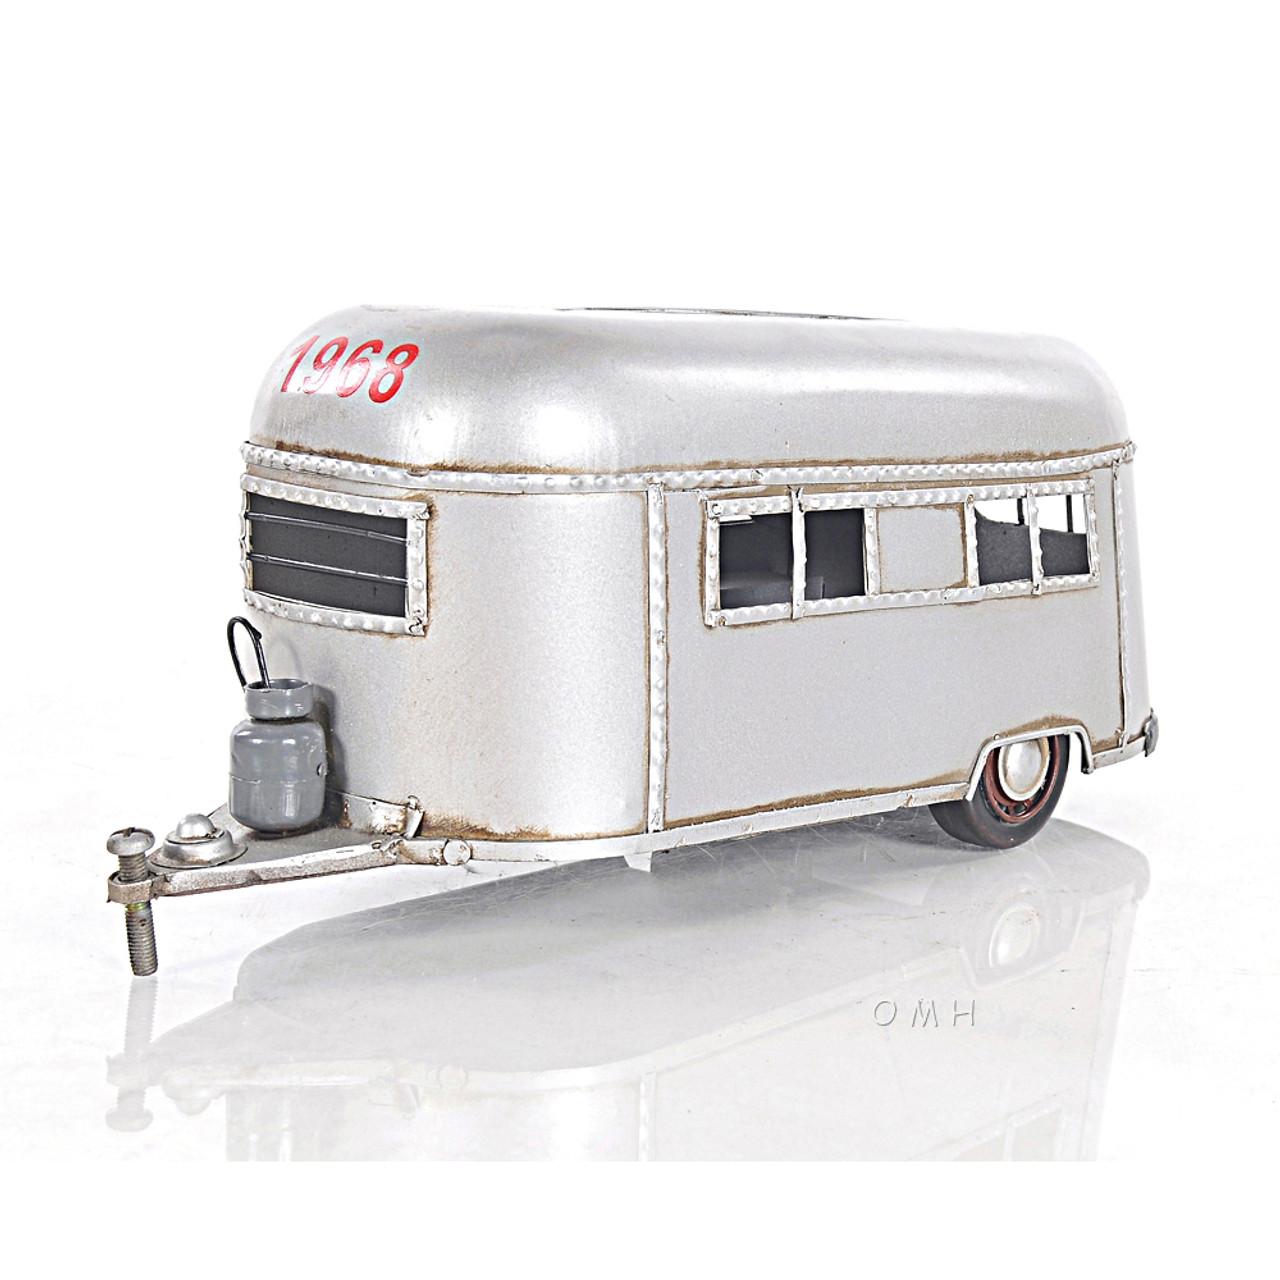 Tissue Holder Travel Camping Trailer Metal Model Camper